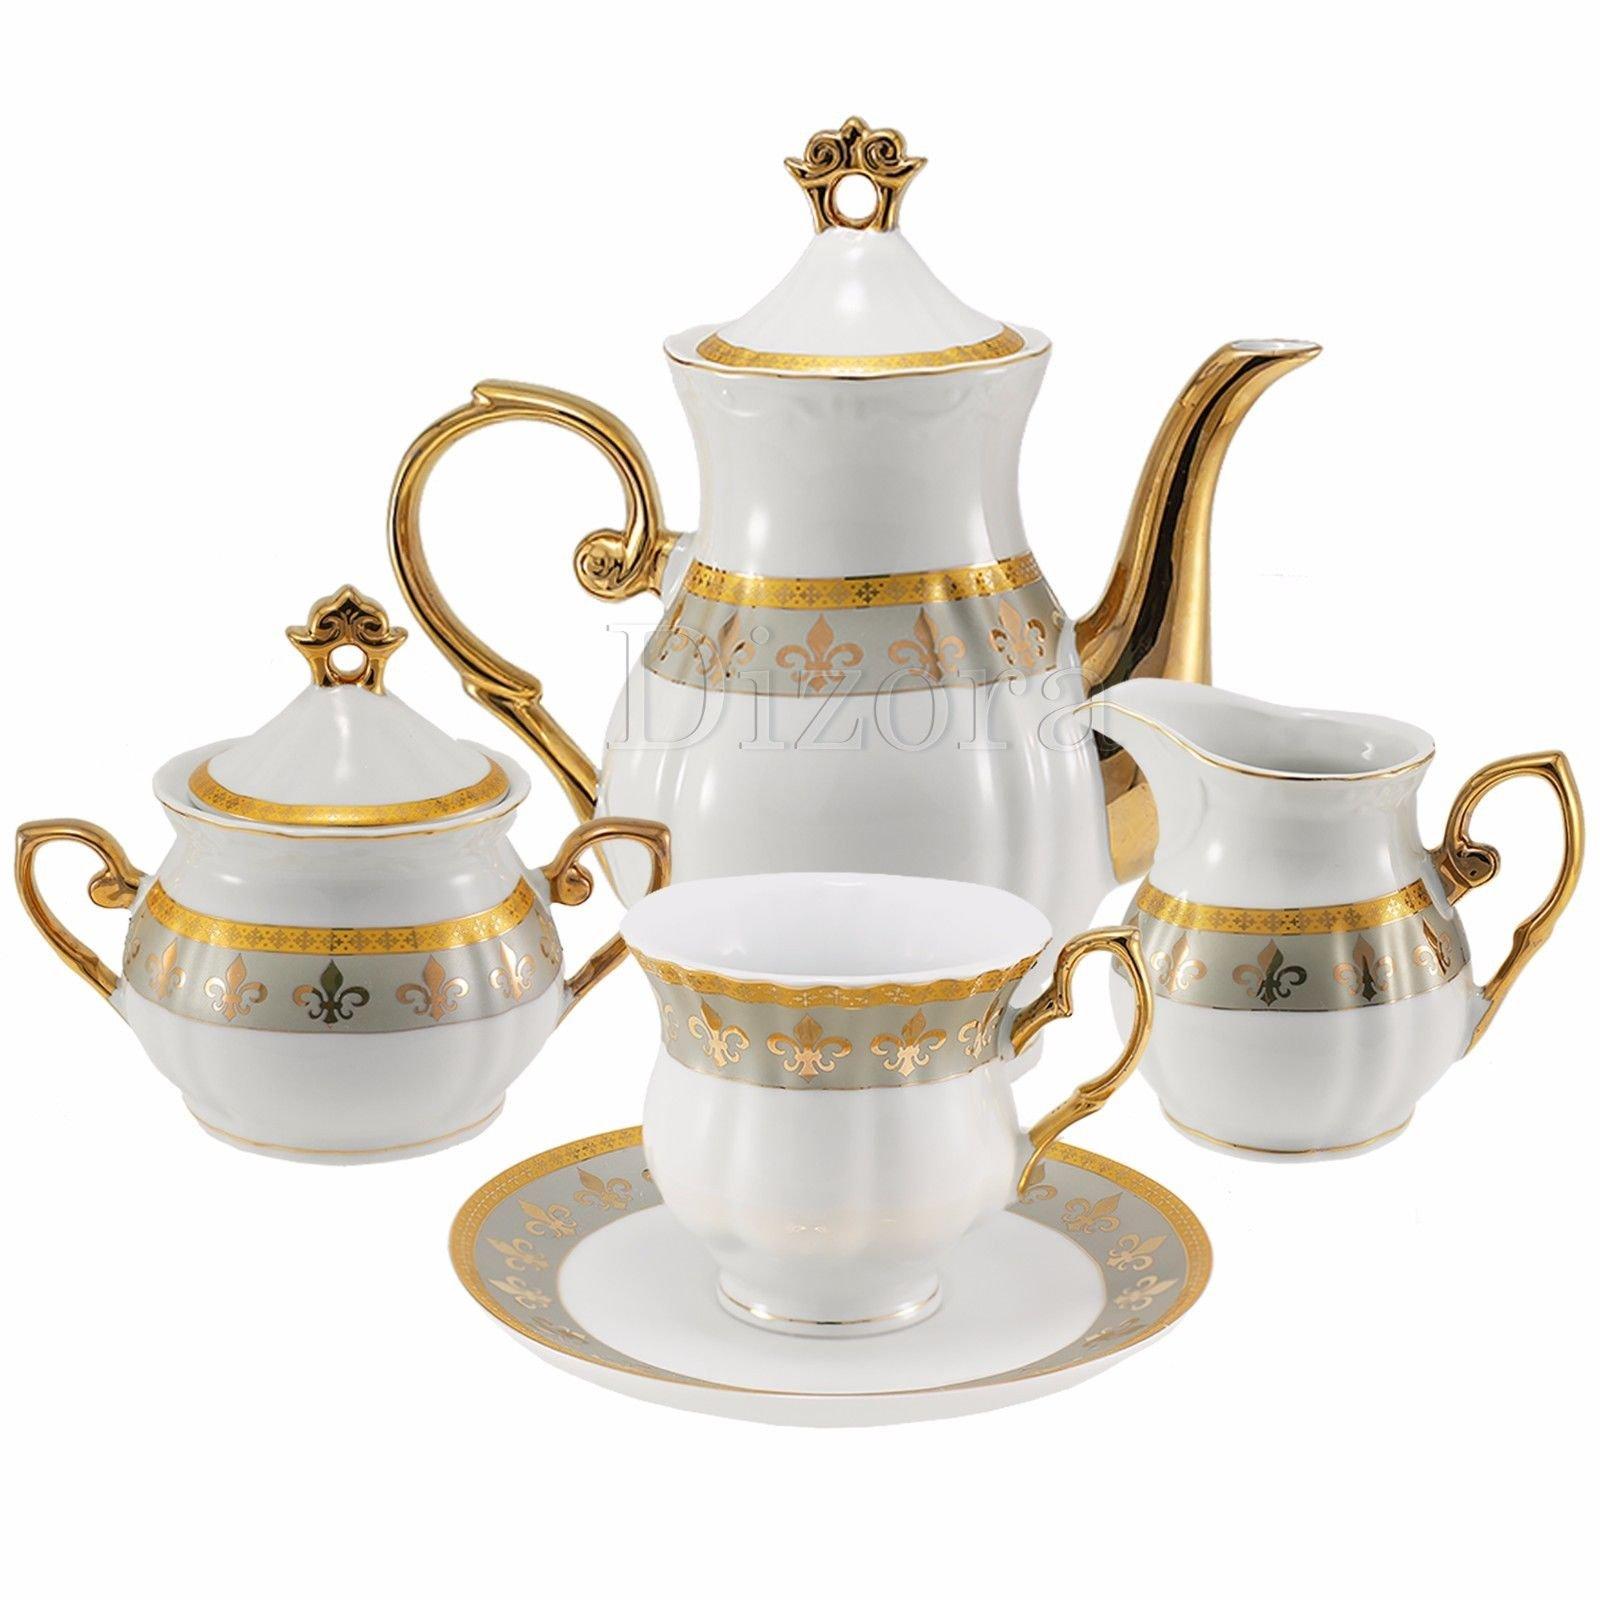 Euro Porcelain 17-Pc. Fleur-de-Lis Tea Cup Coffee Set, Premium Bone China, 24K Gold-Plated, Complete Service for 6, Original Czech Tableware